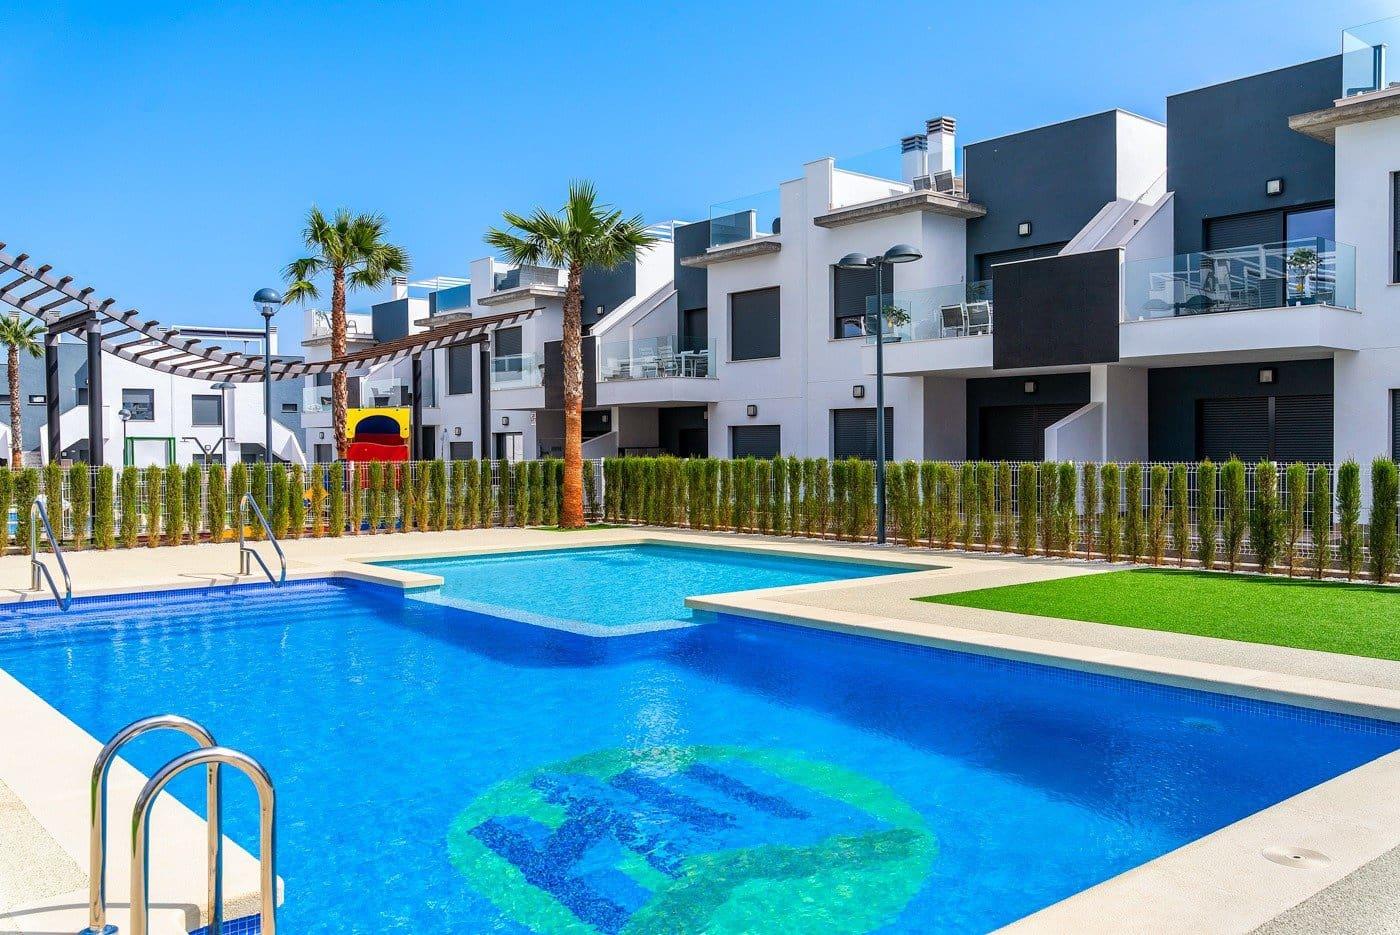 Bungalow de 3 habitaciones en Pilar de la Horadada en venta con piscina - 134.900 € (Ref: 4177958)